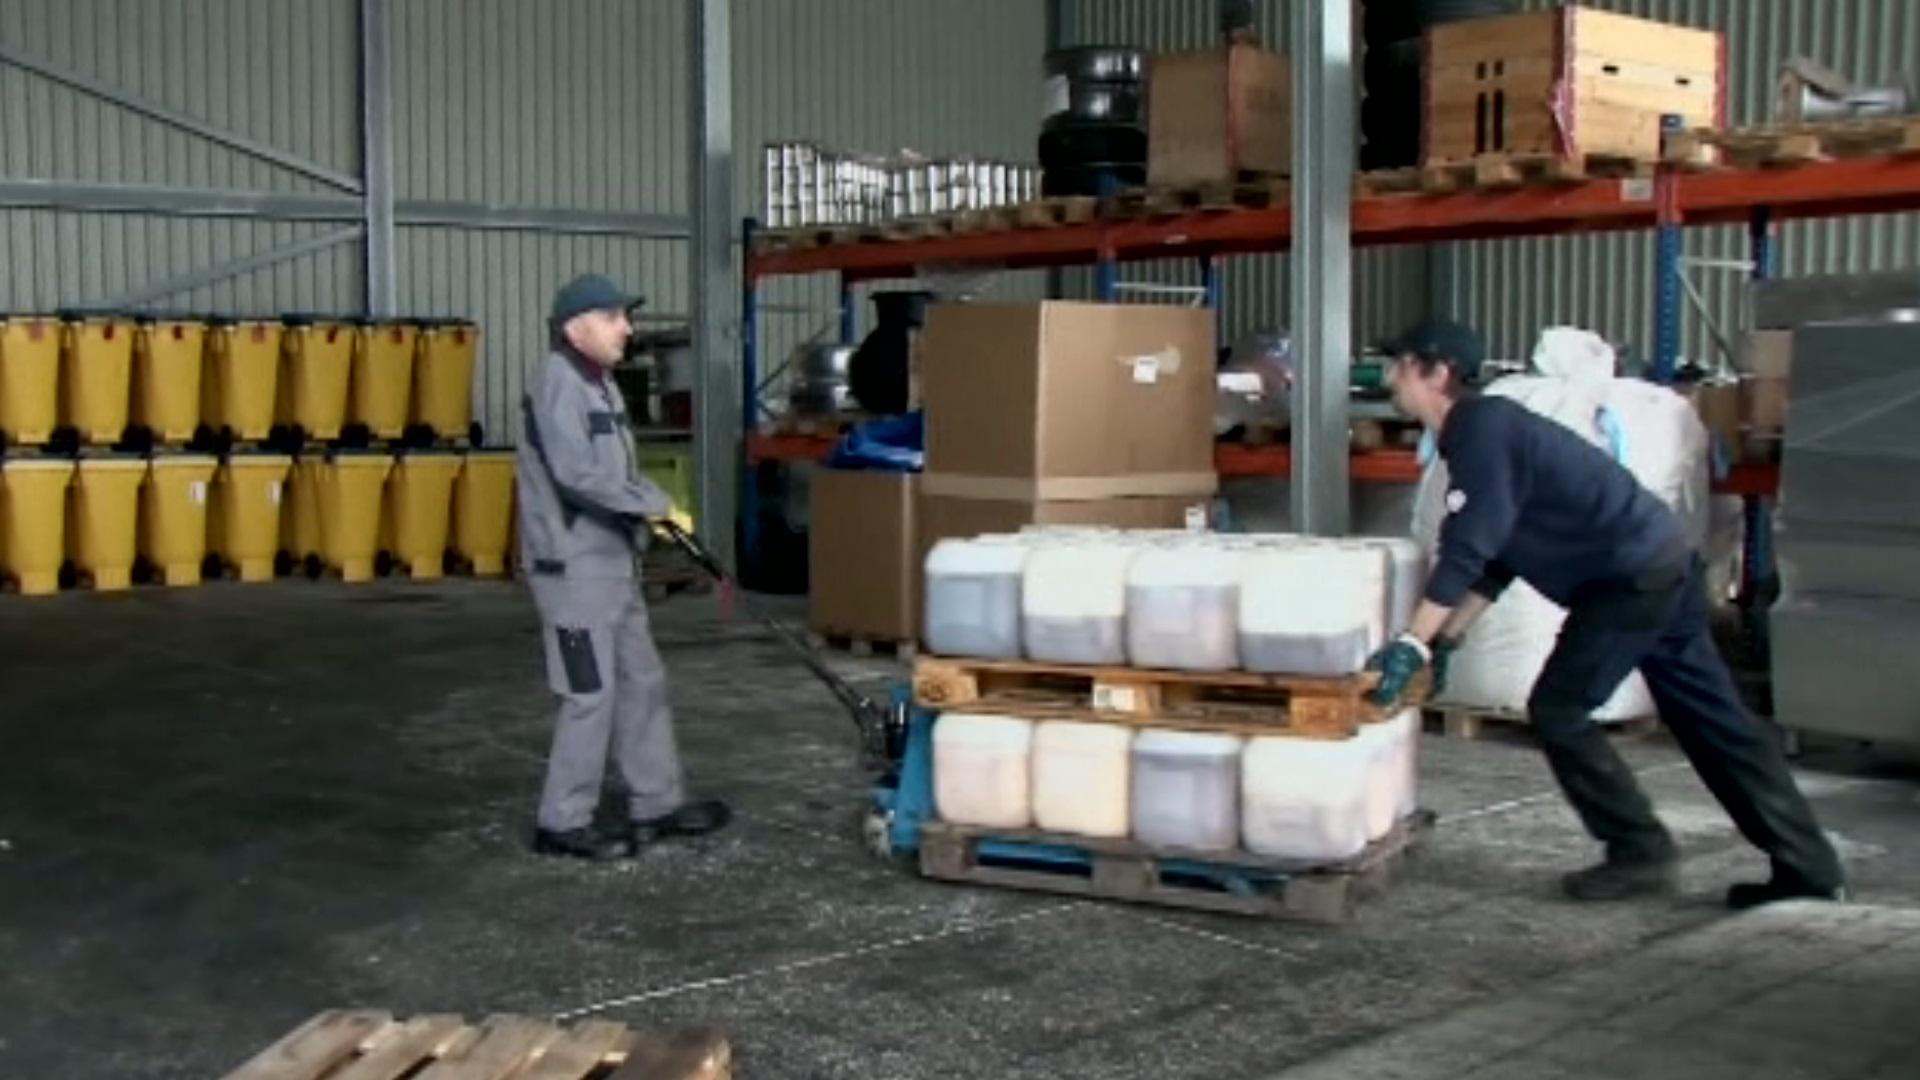 produttore rifiuti deposito